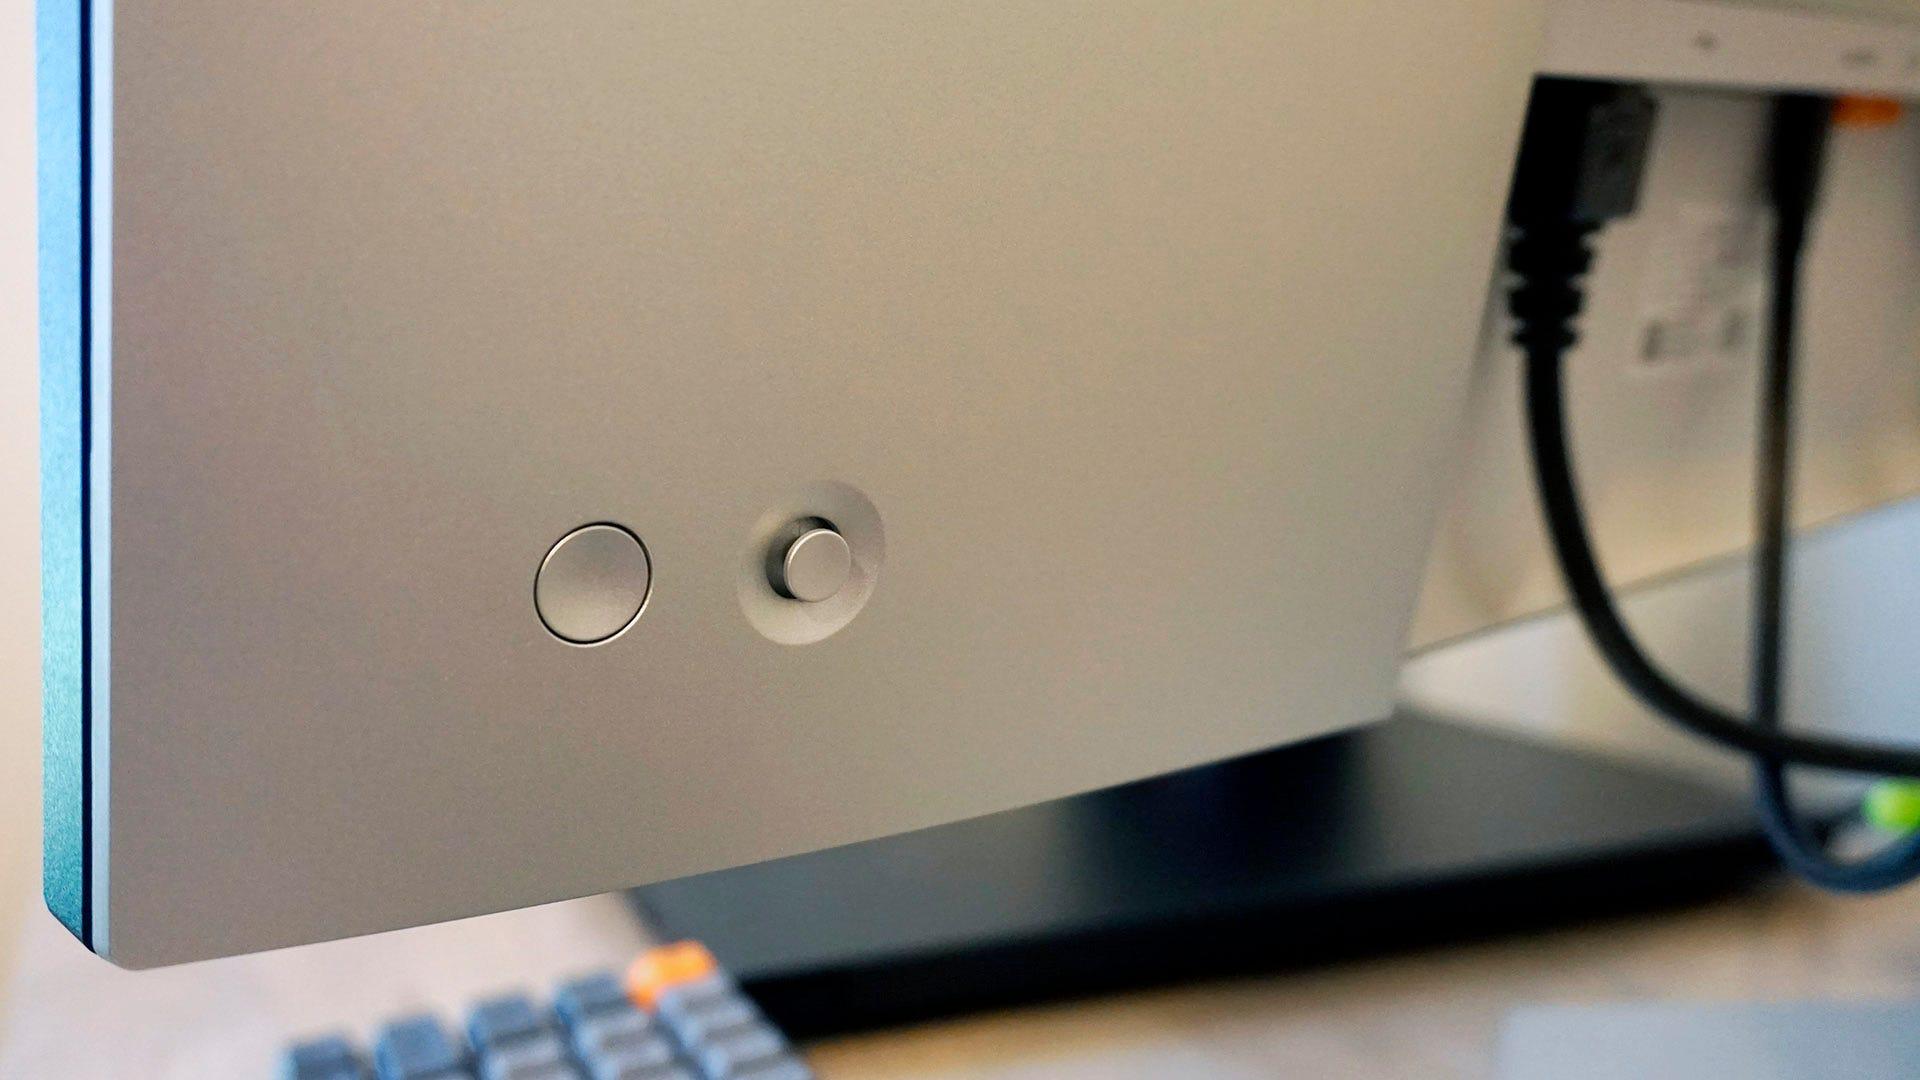 Dell Ultrasharp U2722DE power button and control stick